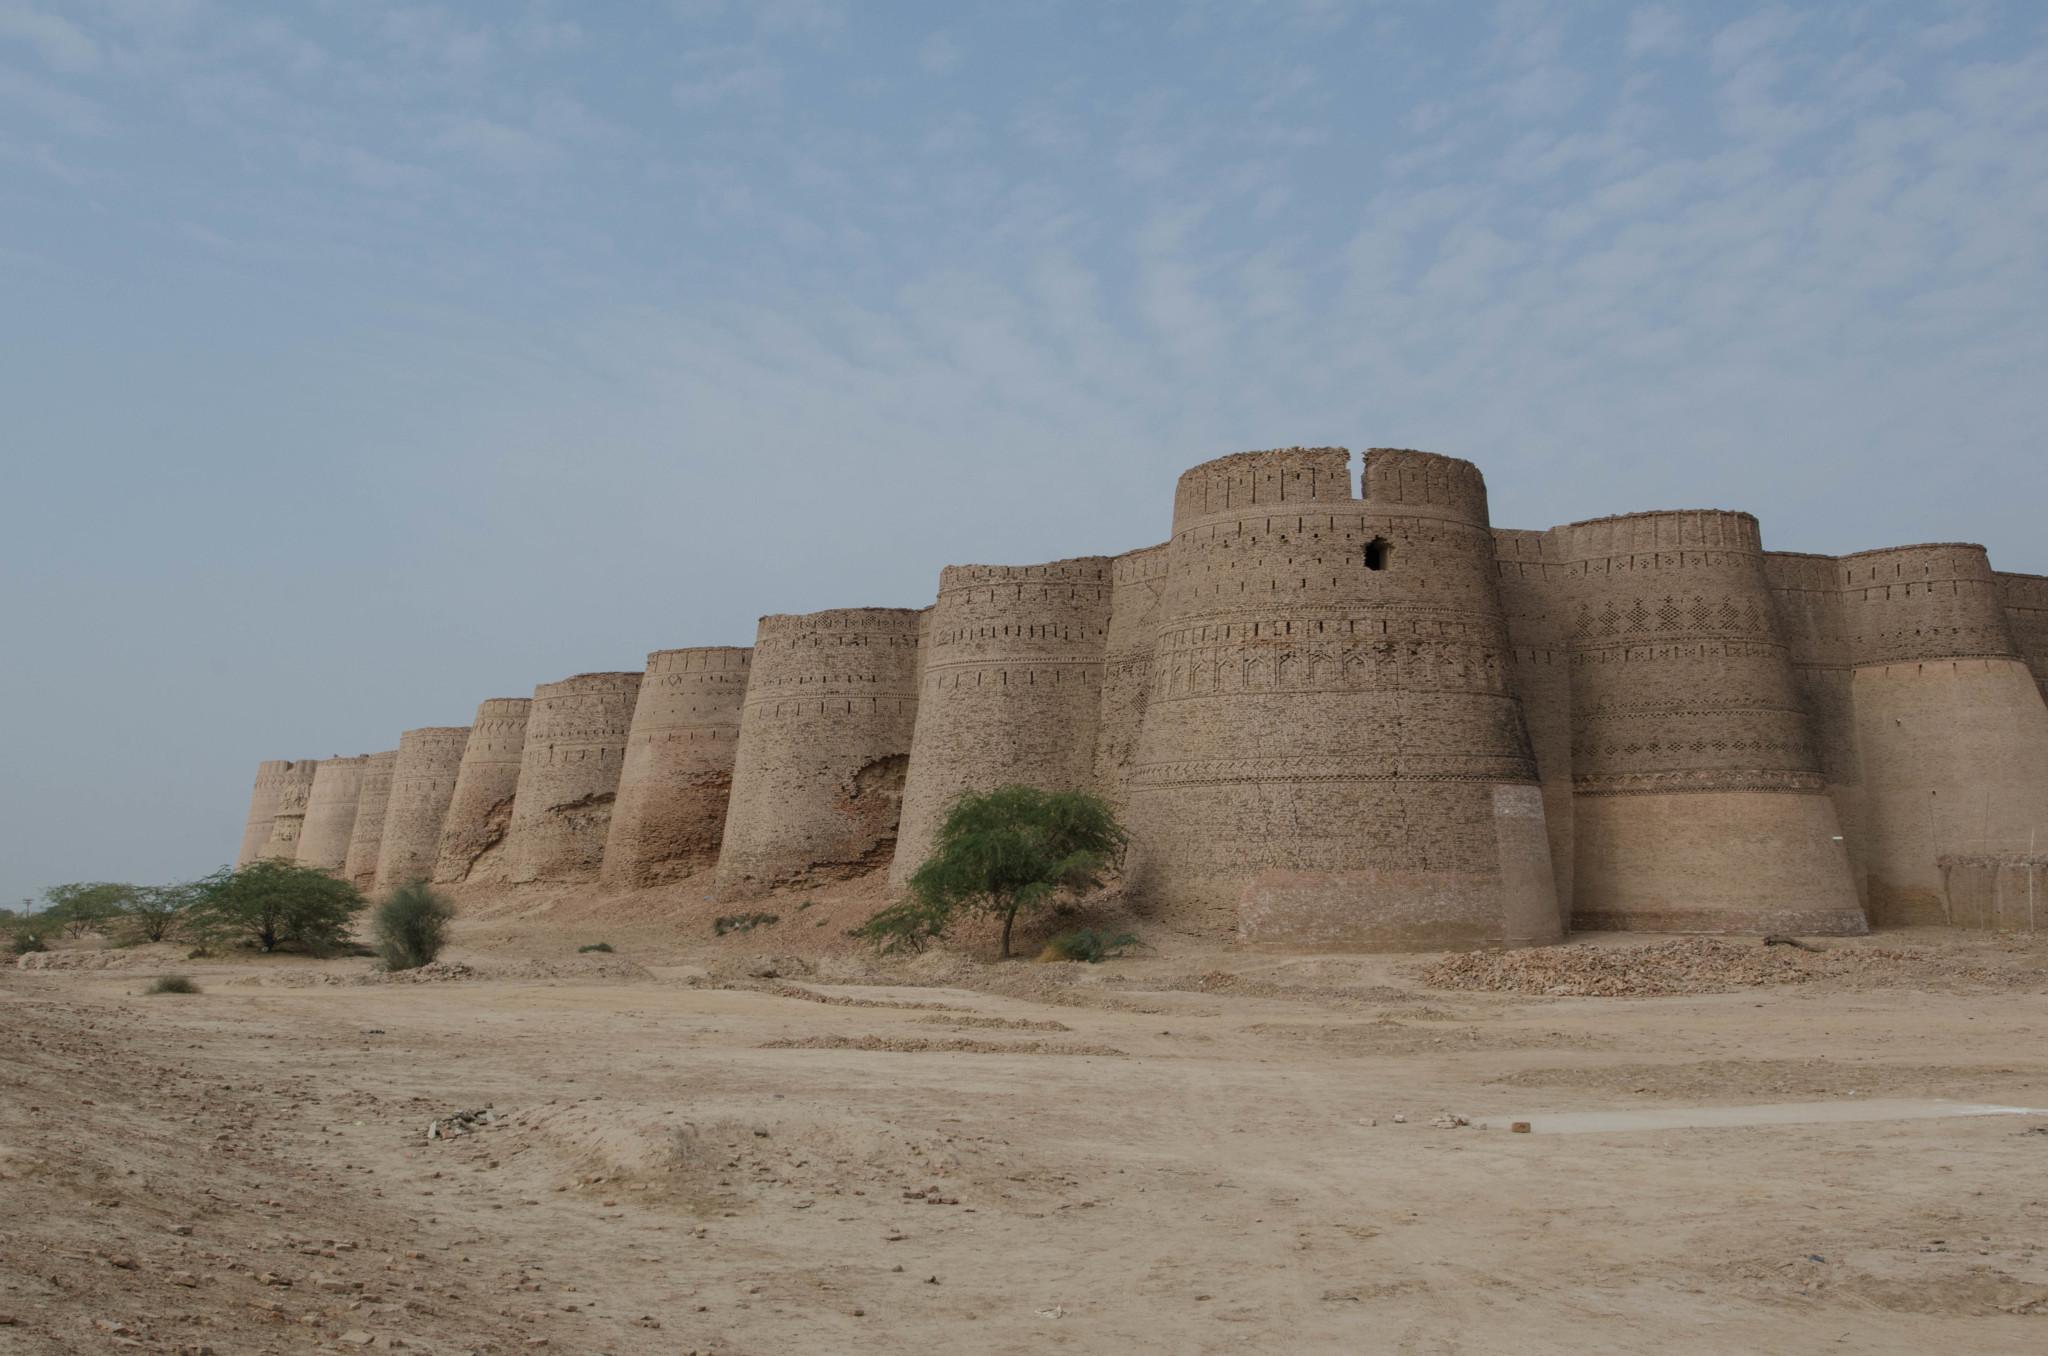 Das Derawar Fort in der Cholistan Wüste